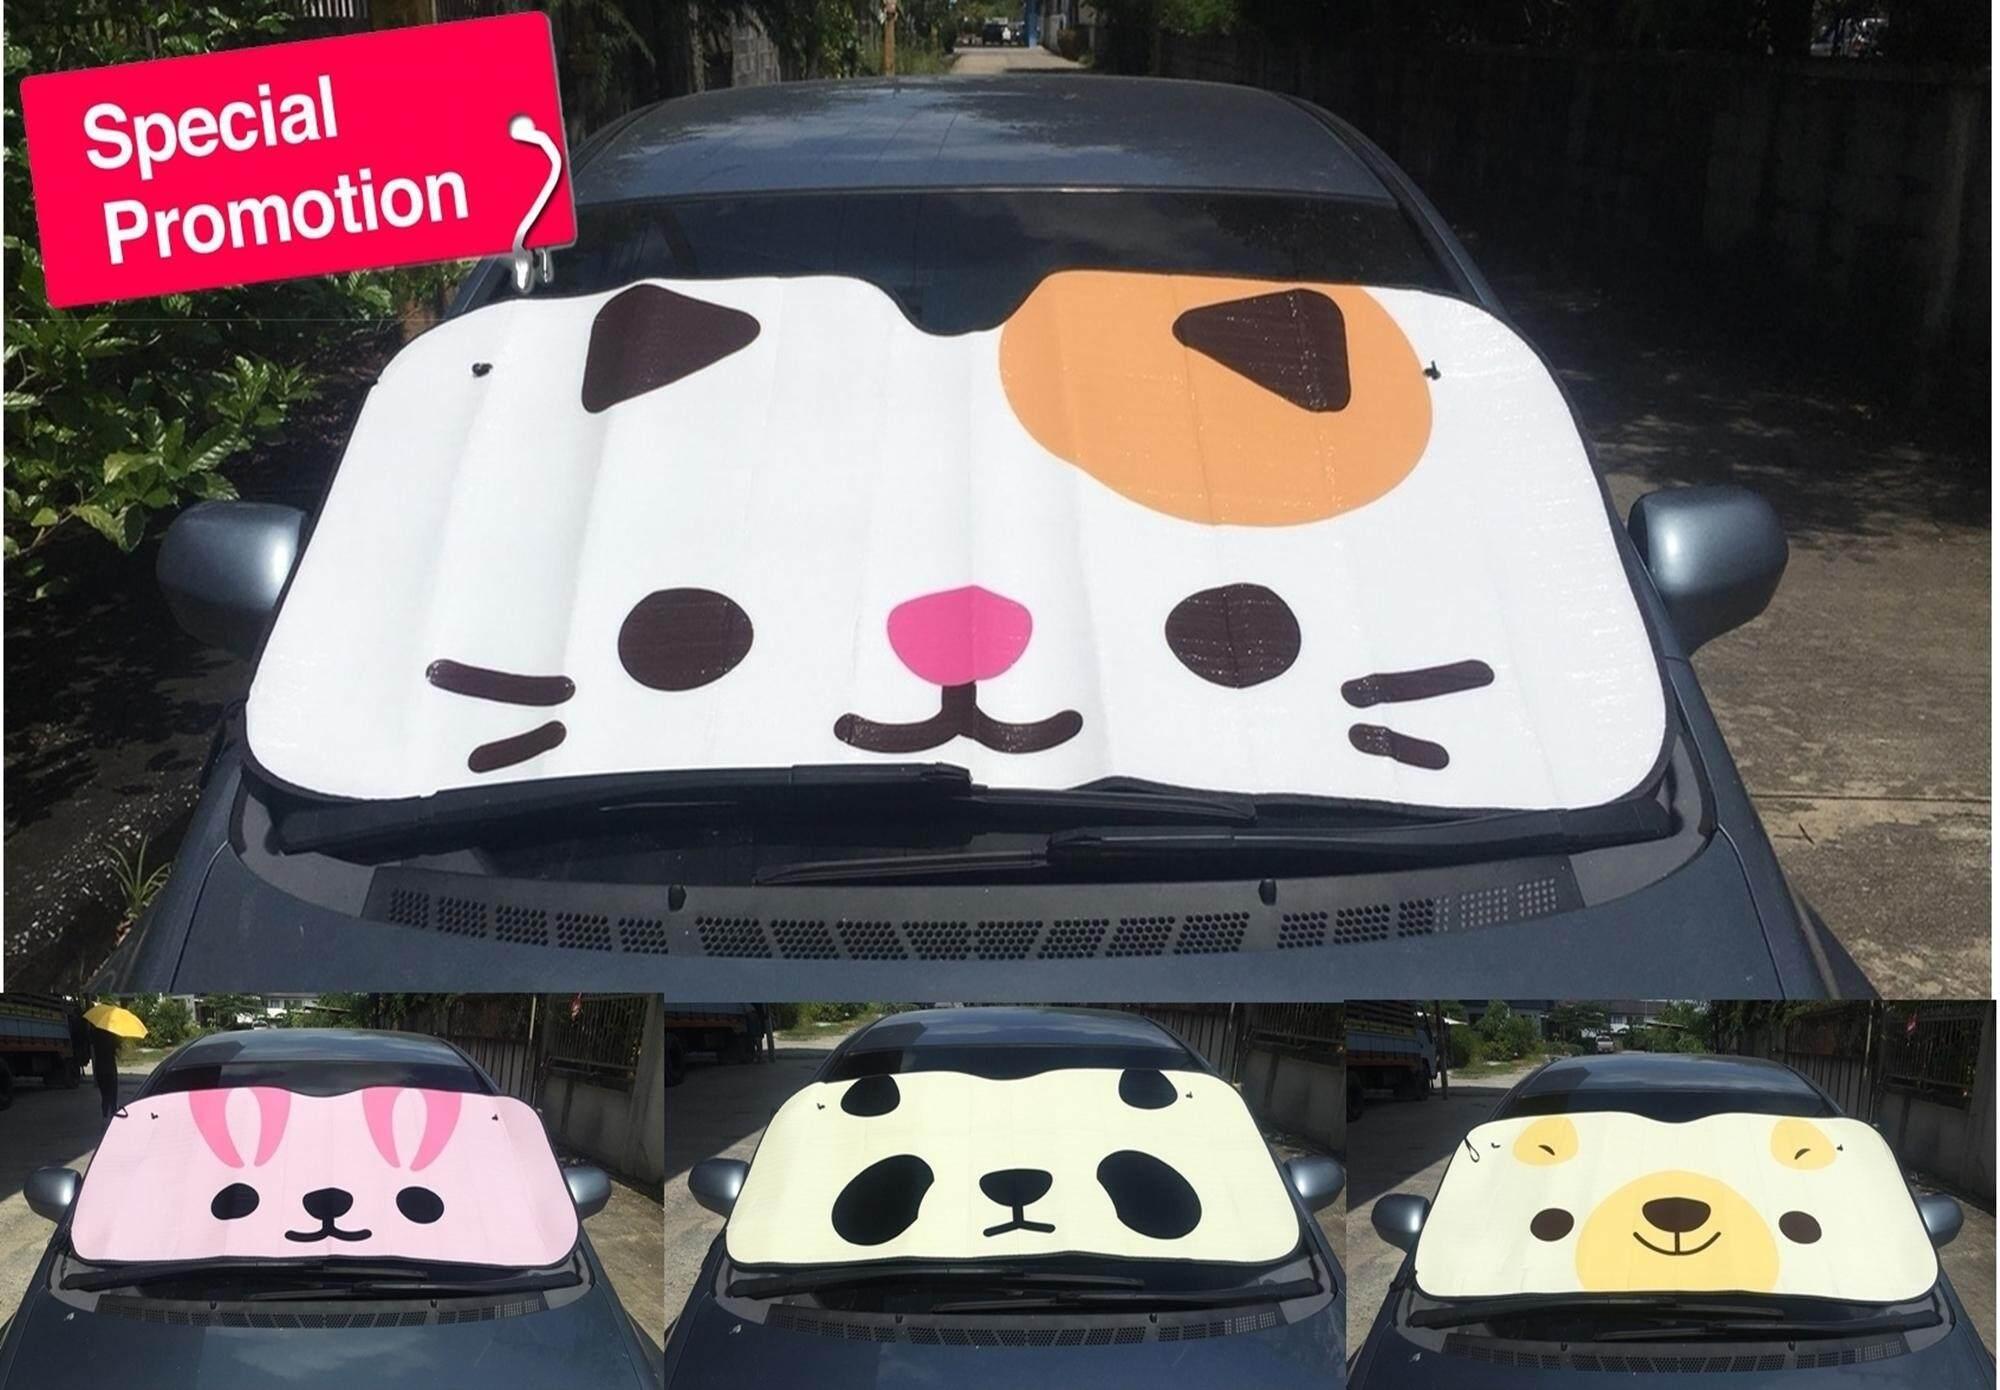 ม่านบังแดดในรถยนต์ ลายสัตว์น่ารัก(แมว) By Apimuk_i.